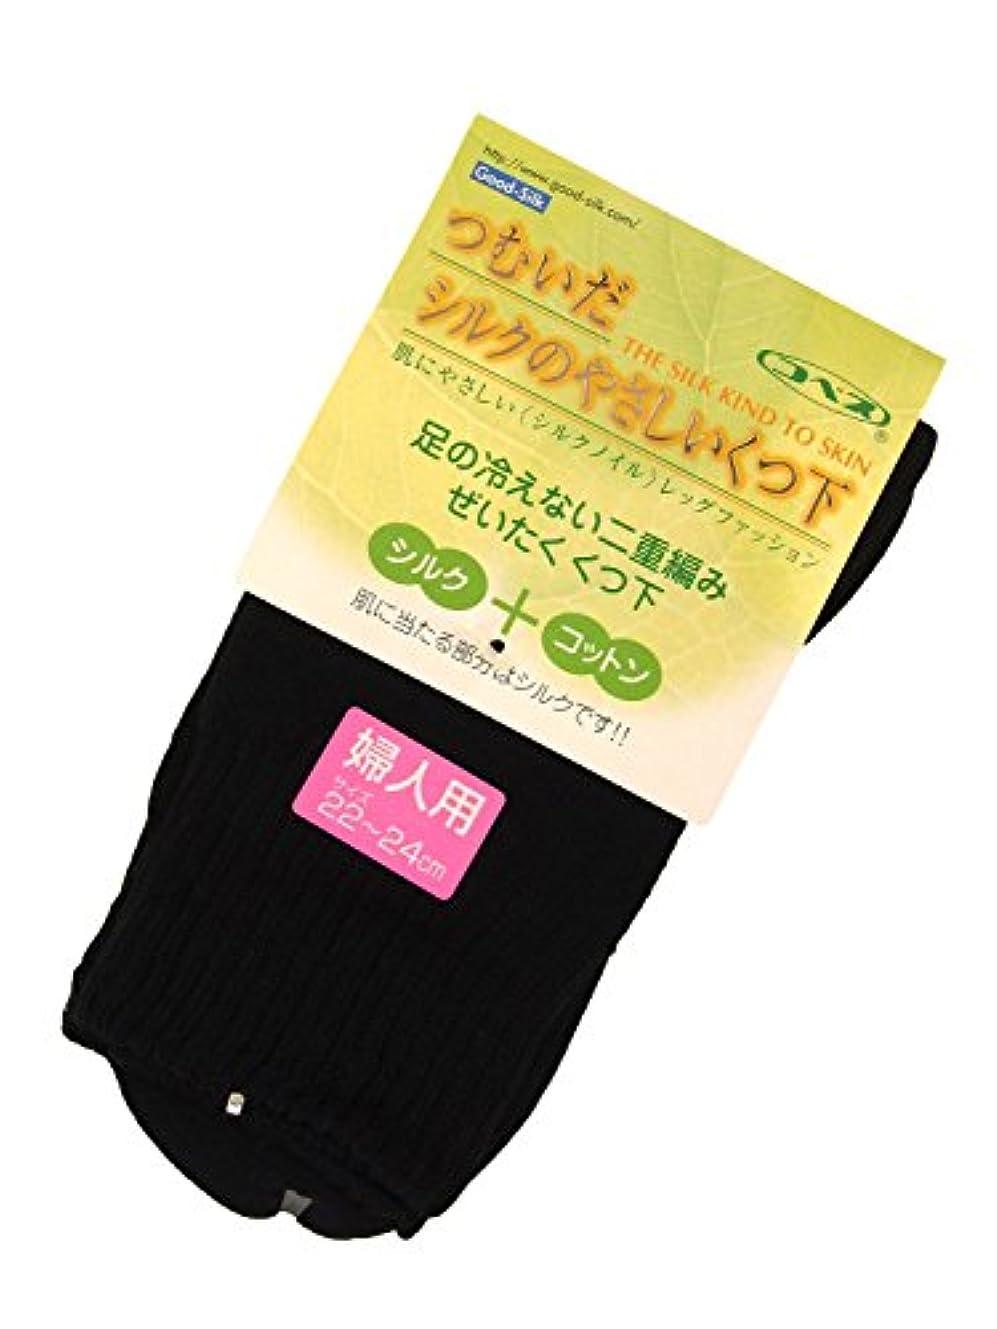 問い合わせる大工国家コベス シルク+コットン 二重編靴下 ブラック